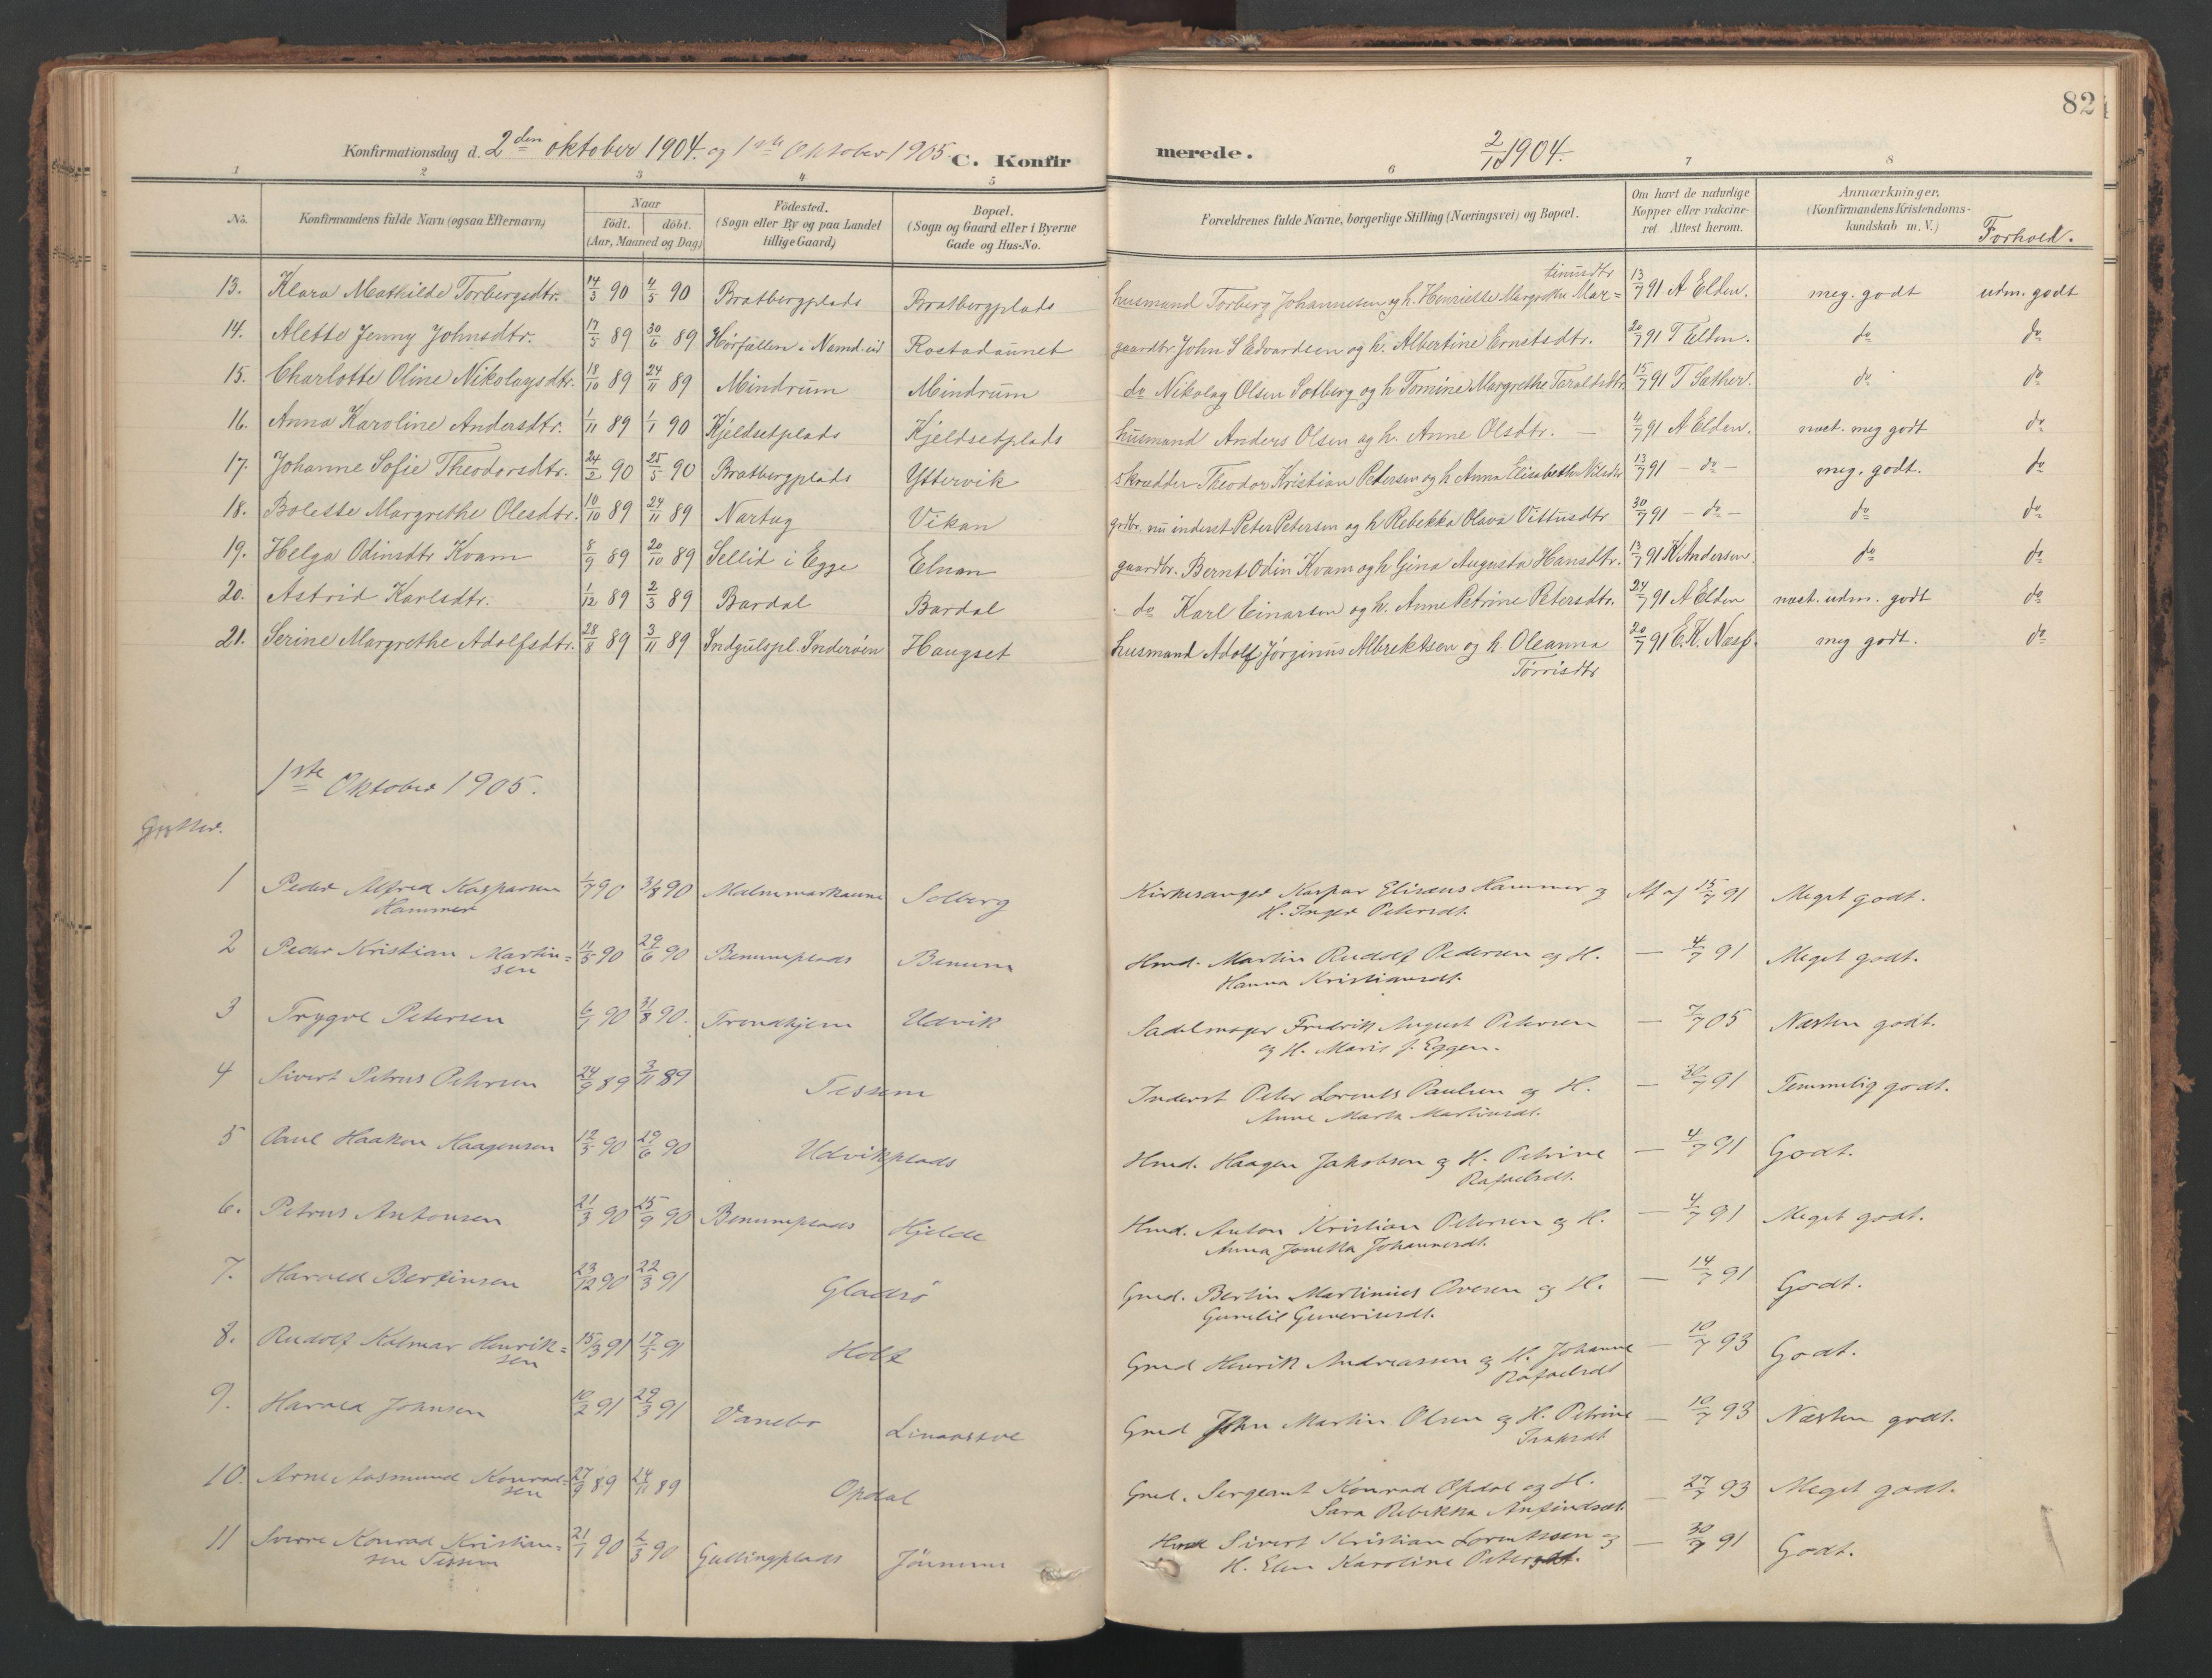 SAT, Ministerialprotokoller, klokkerbøker og fødselsregistre - Nord-Trøndelag, 741/L0397: Ministerialbok nr. 741A11, 1901-1911, s. 82